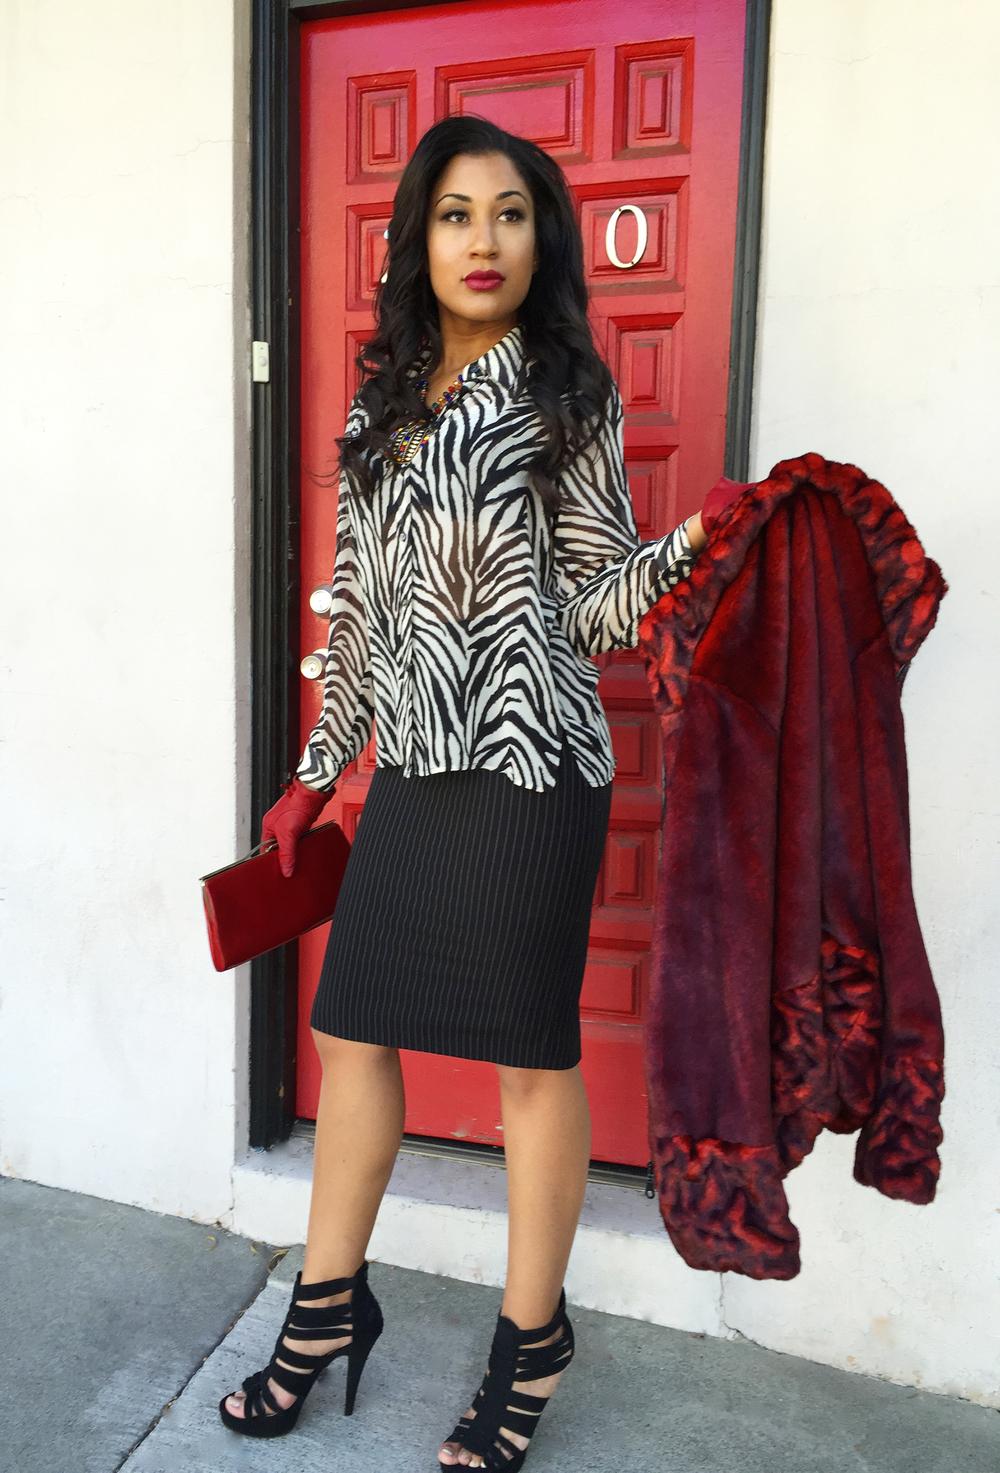 Zebra-blouse-Red-coat-2-2000px.jpg